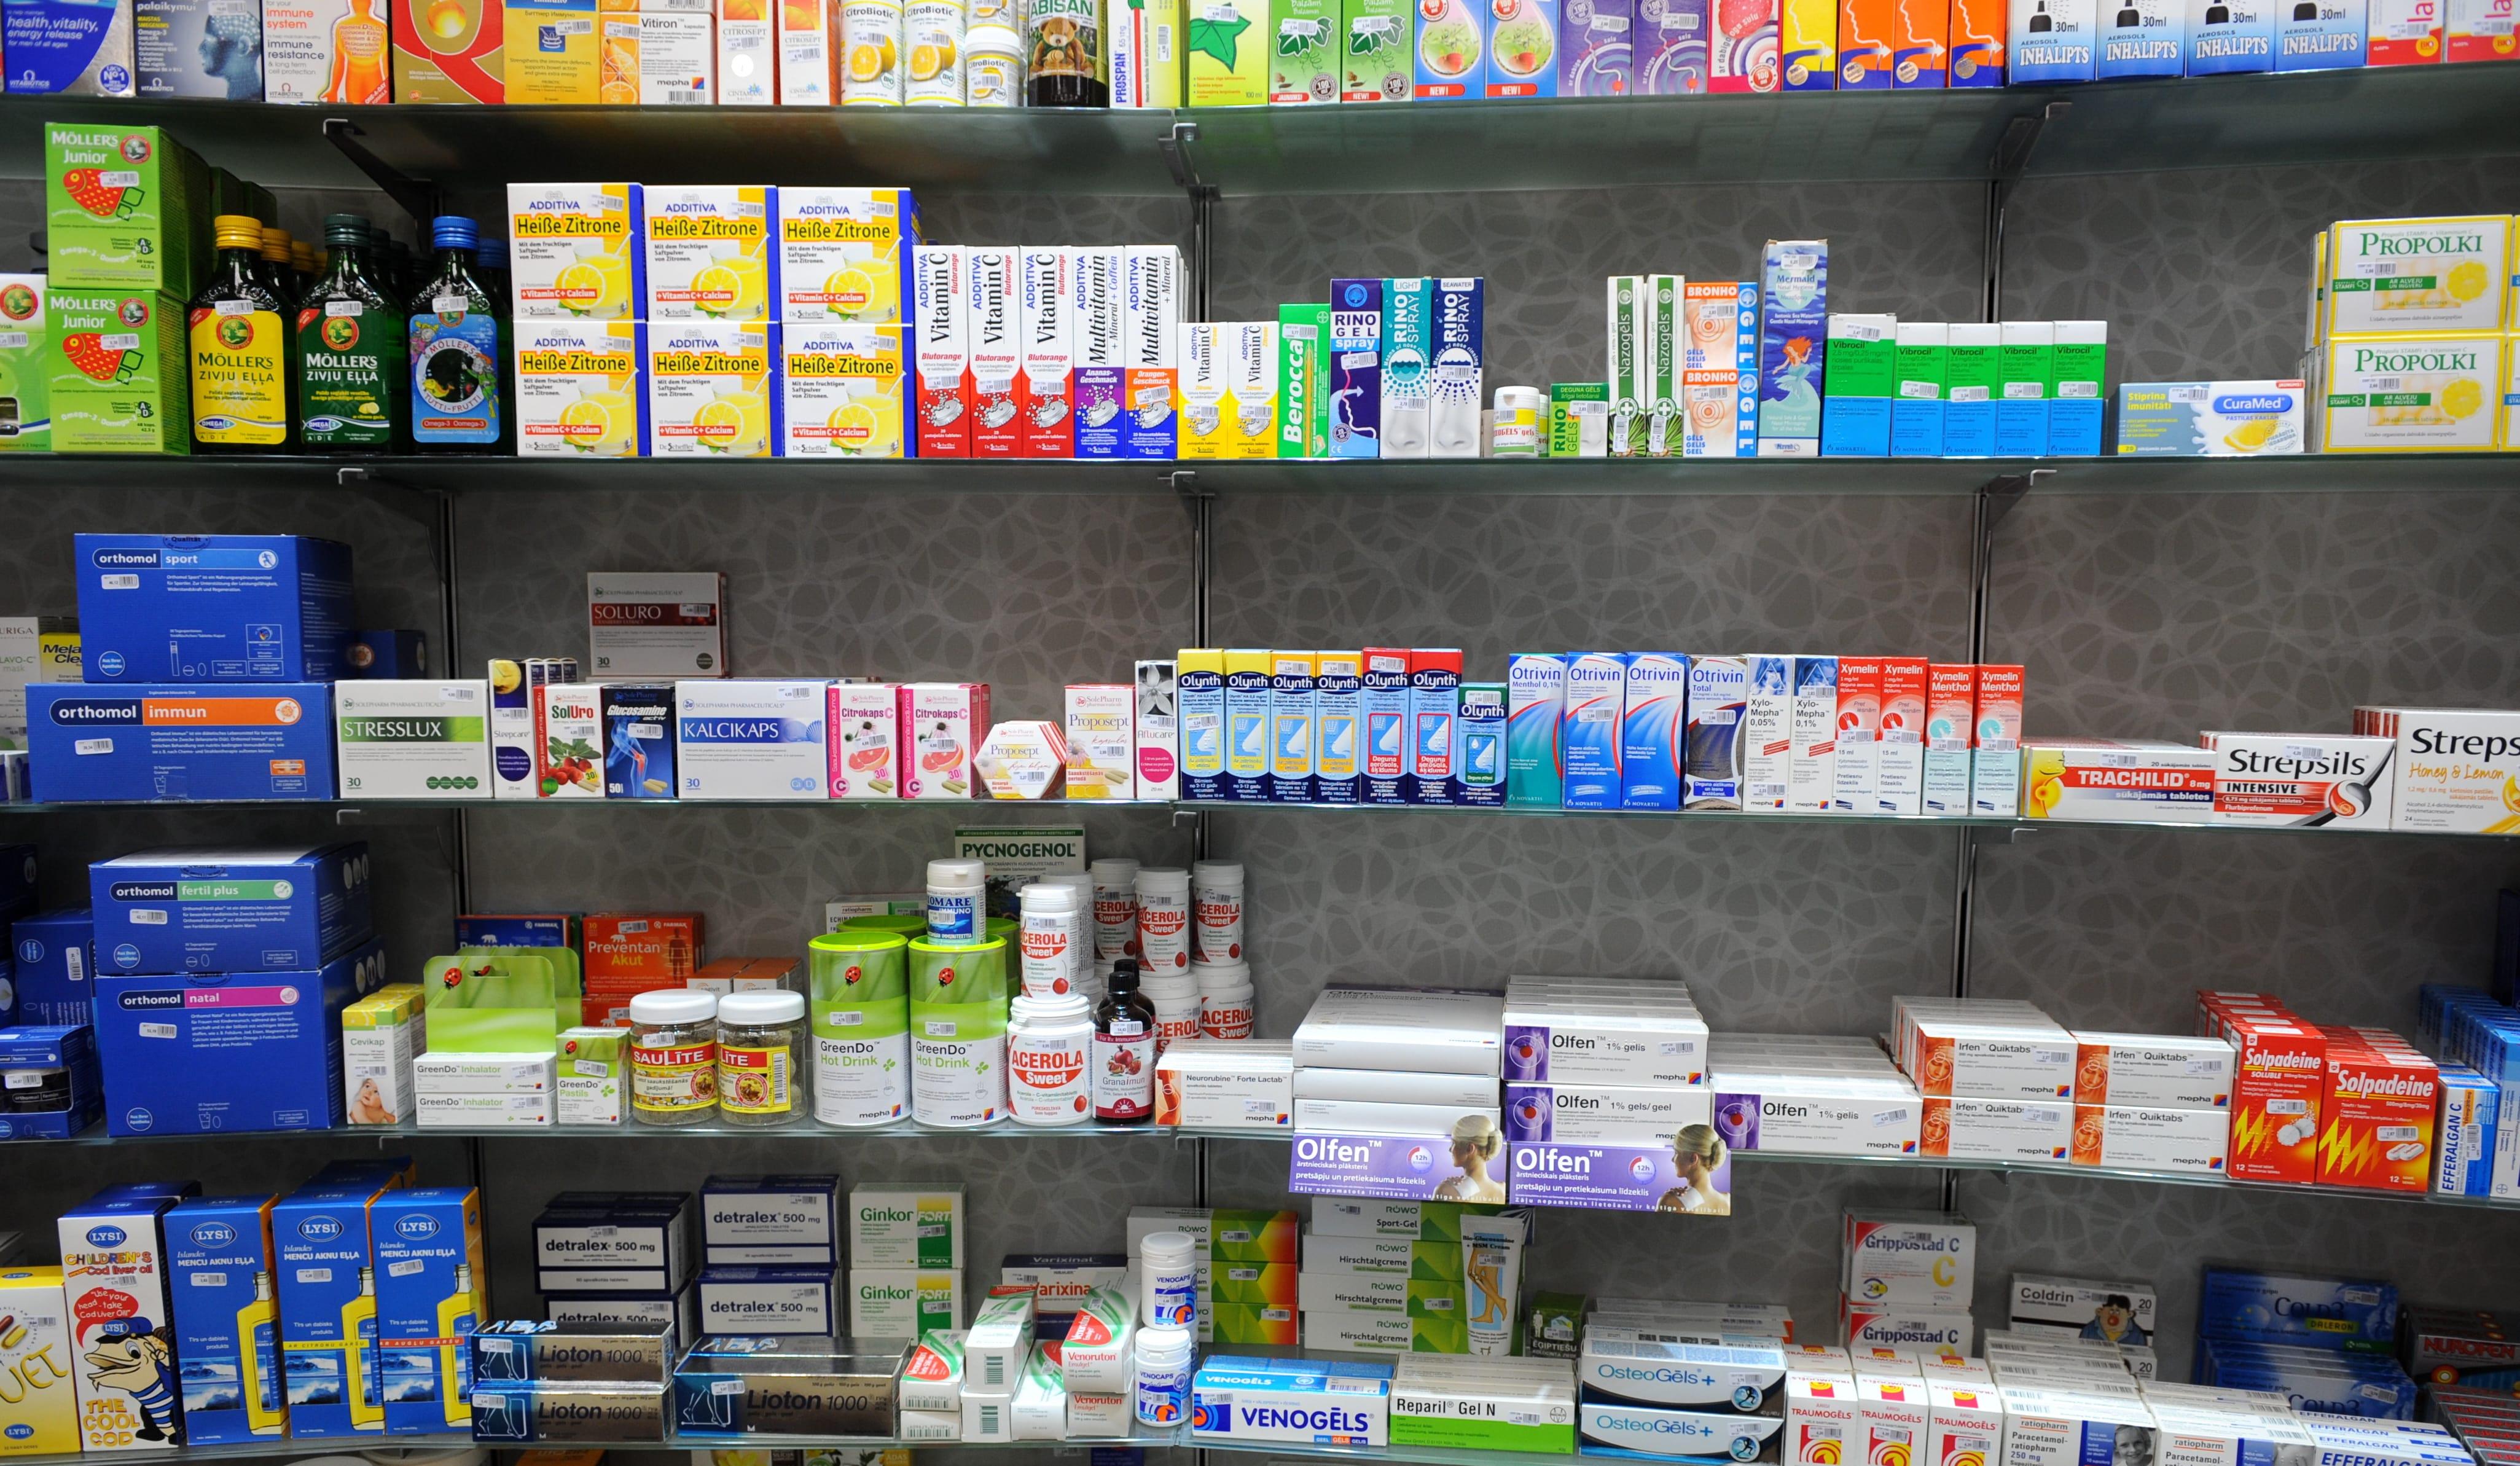 укрепить склад лекарственных препаратов иркутск вакансии нашем интернет-магазине